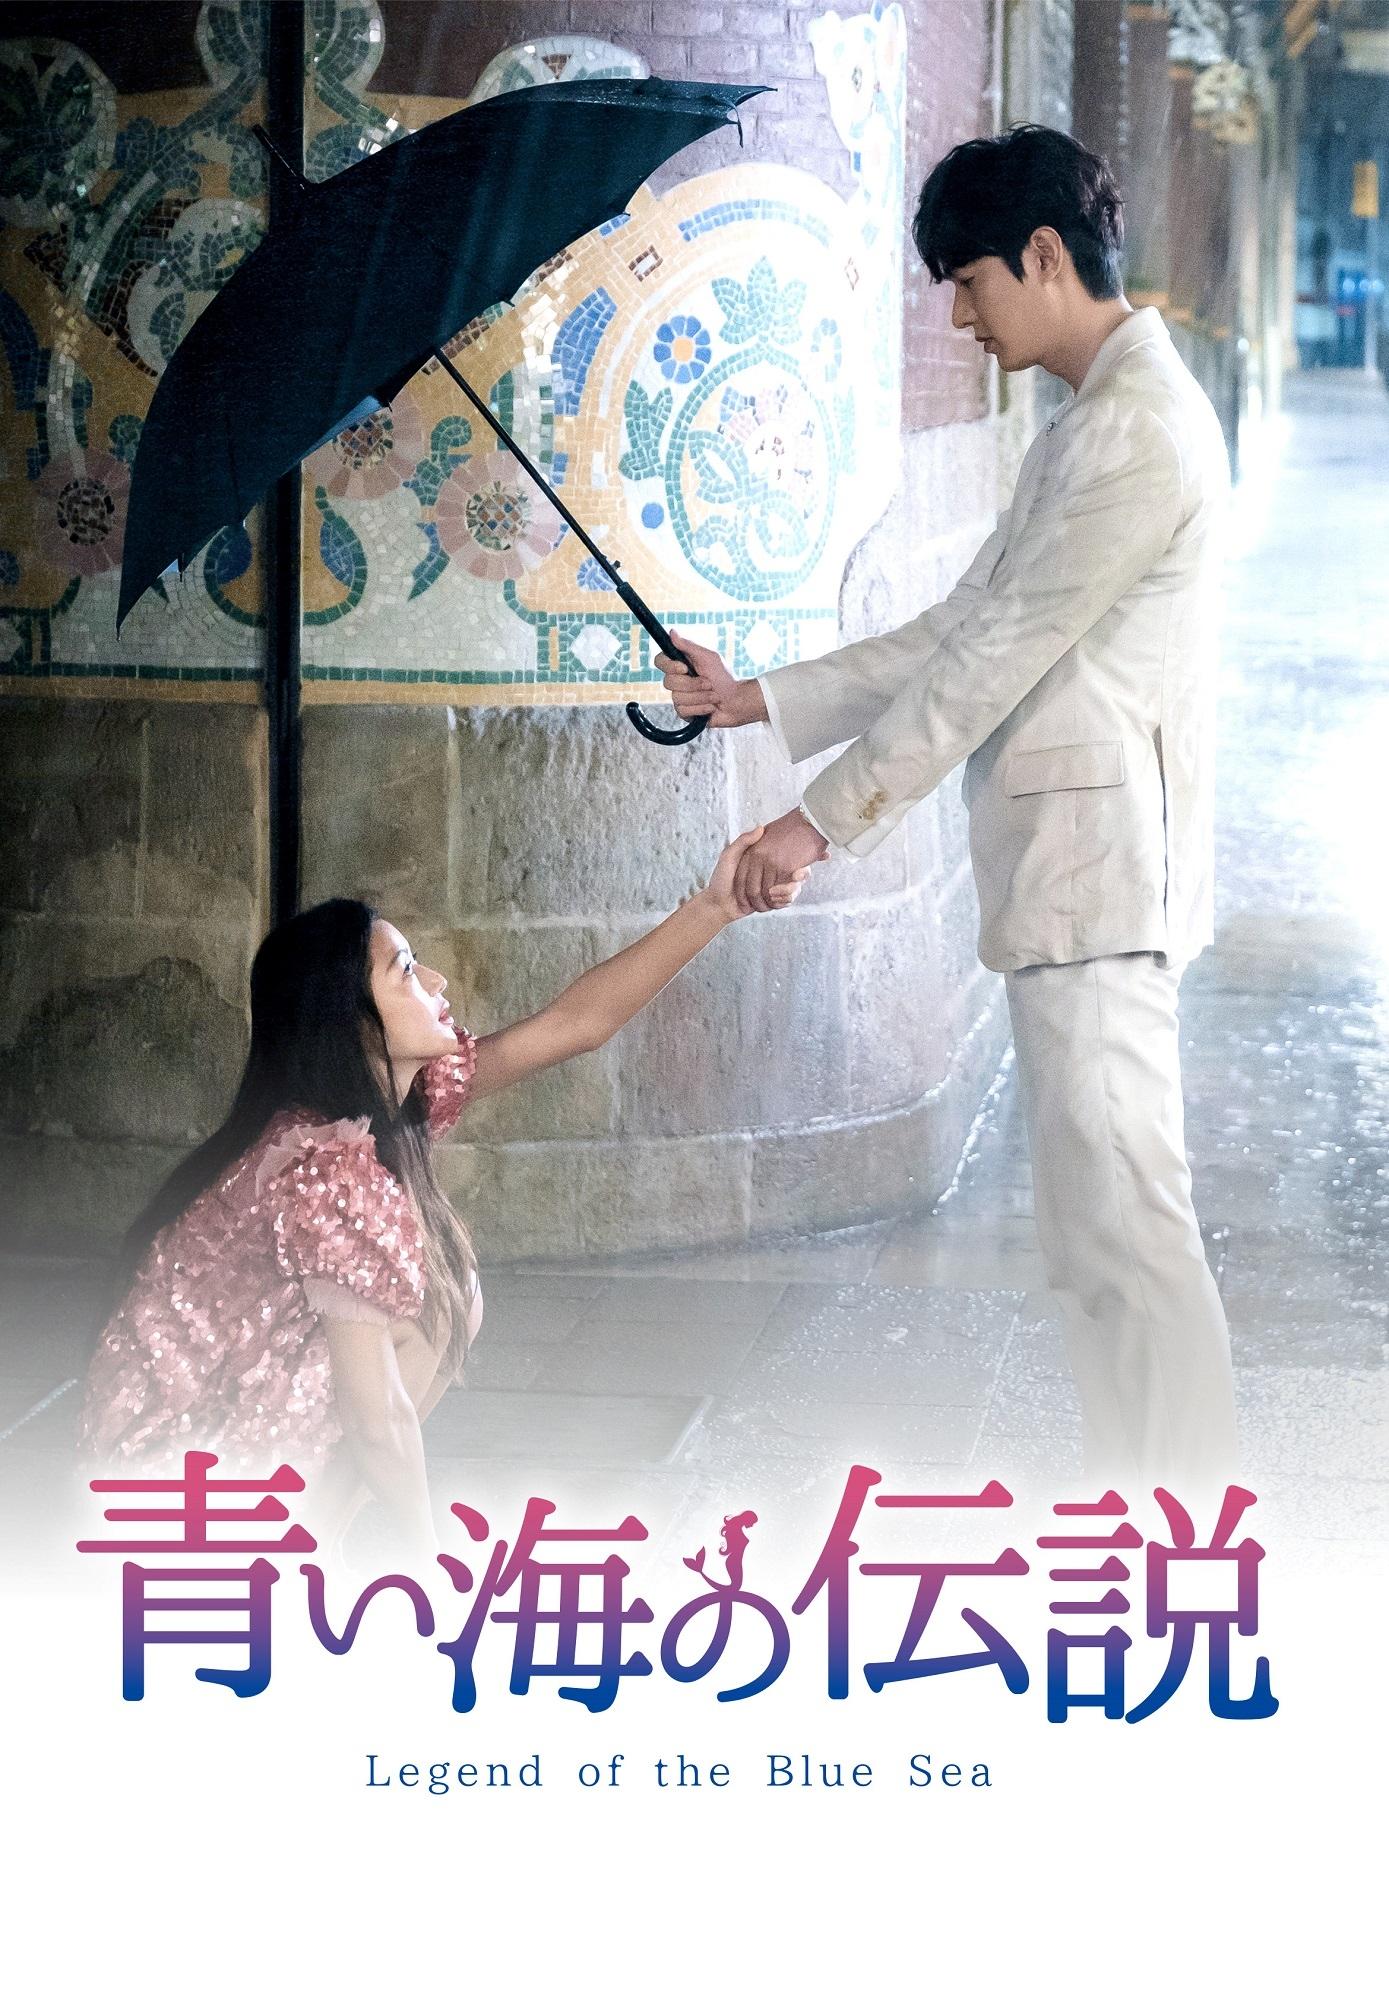 アビス 韓国 ドラマ キャスト